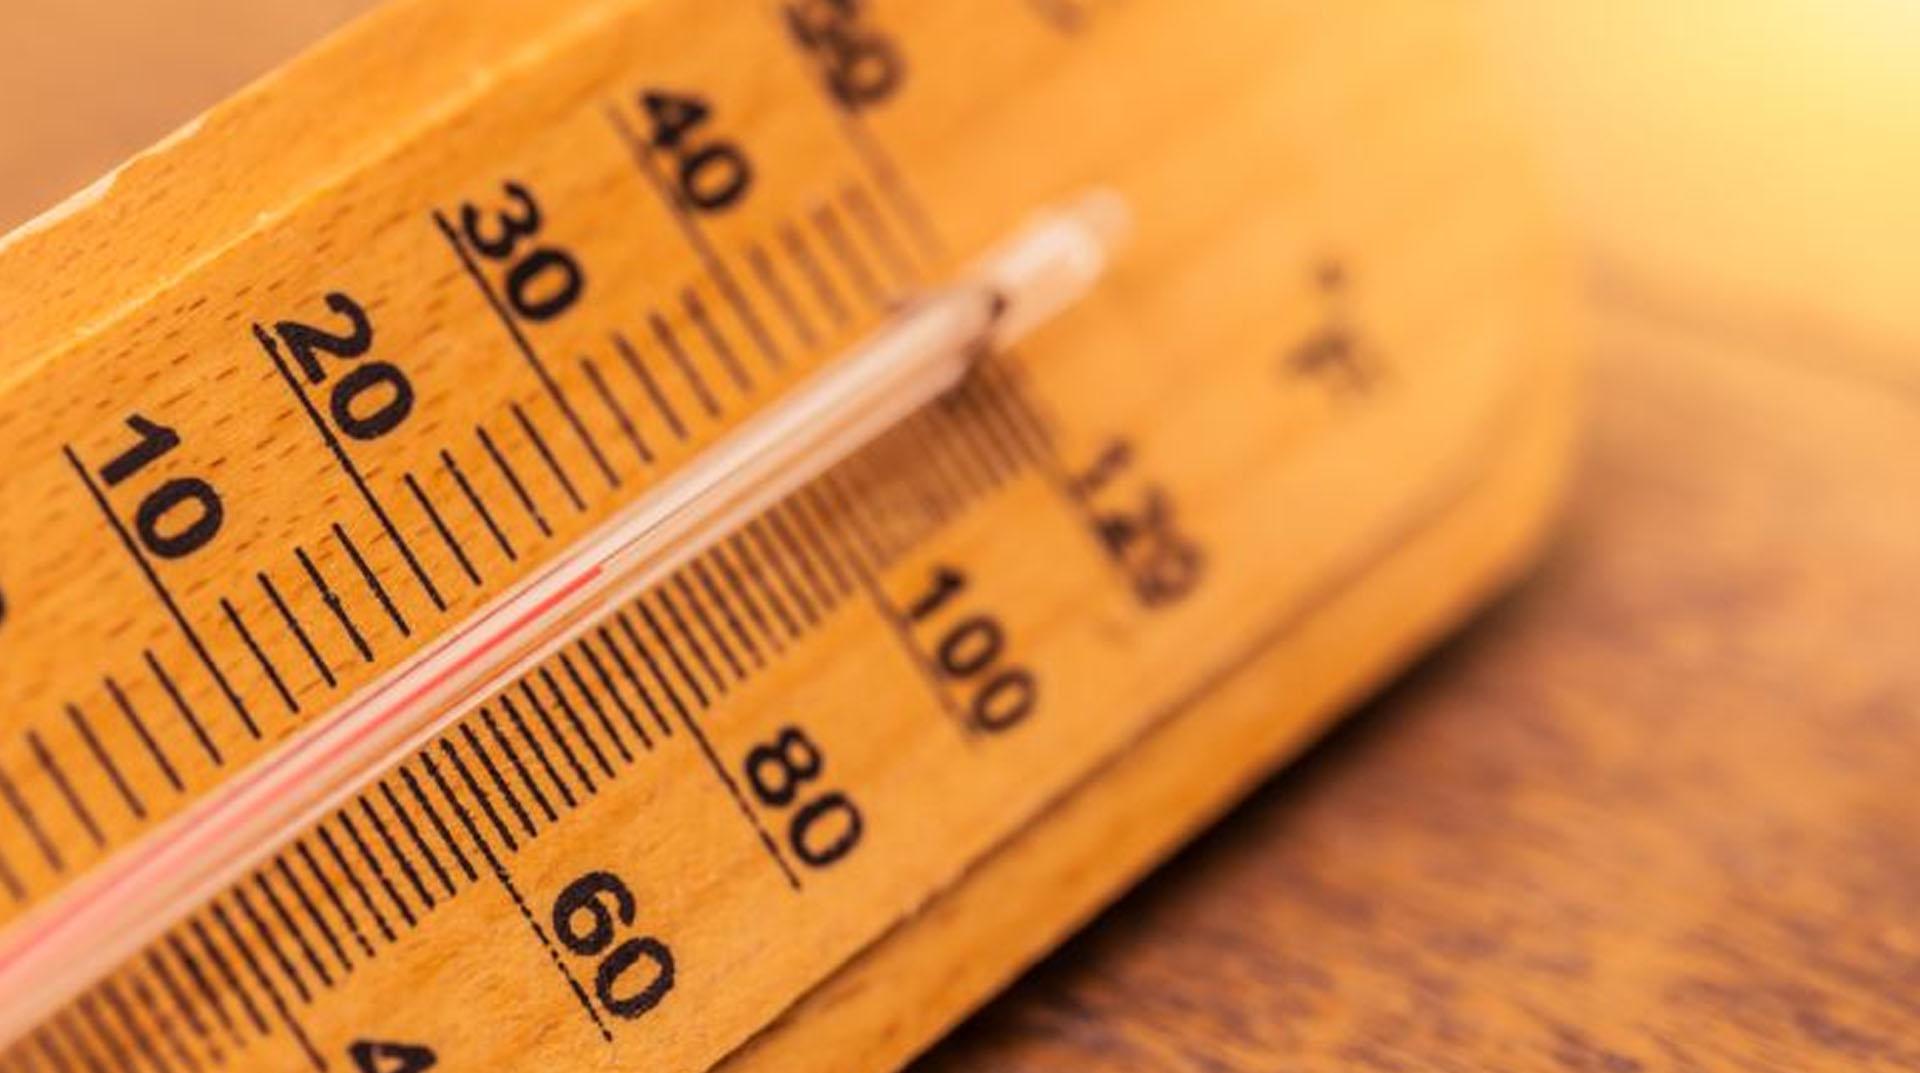 Meteoroloji'den 'sıcak hava' uyarısı: 10 derece artacak ve aniden düşecek